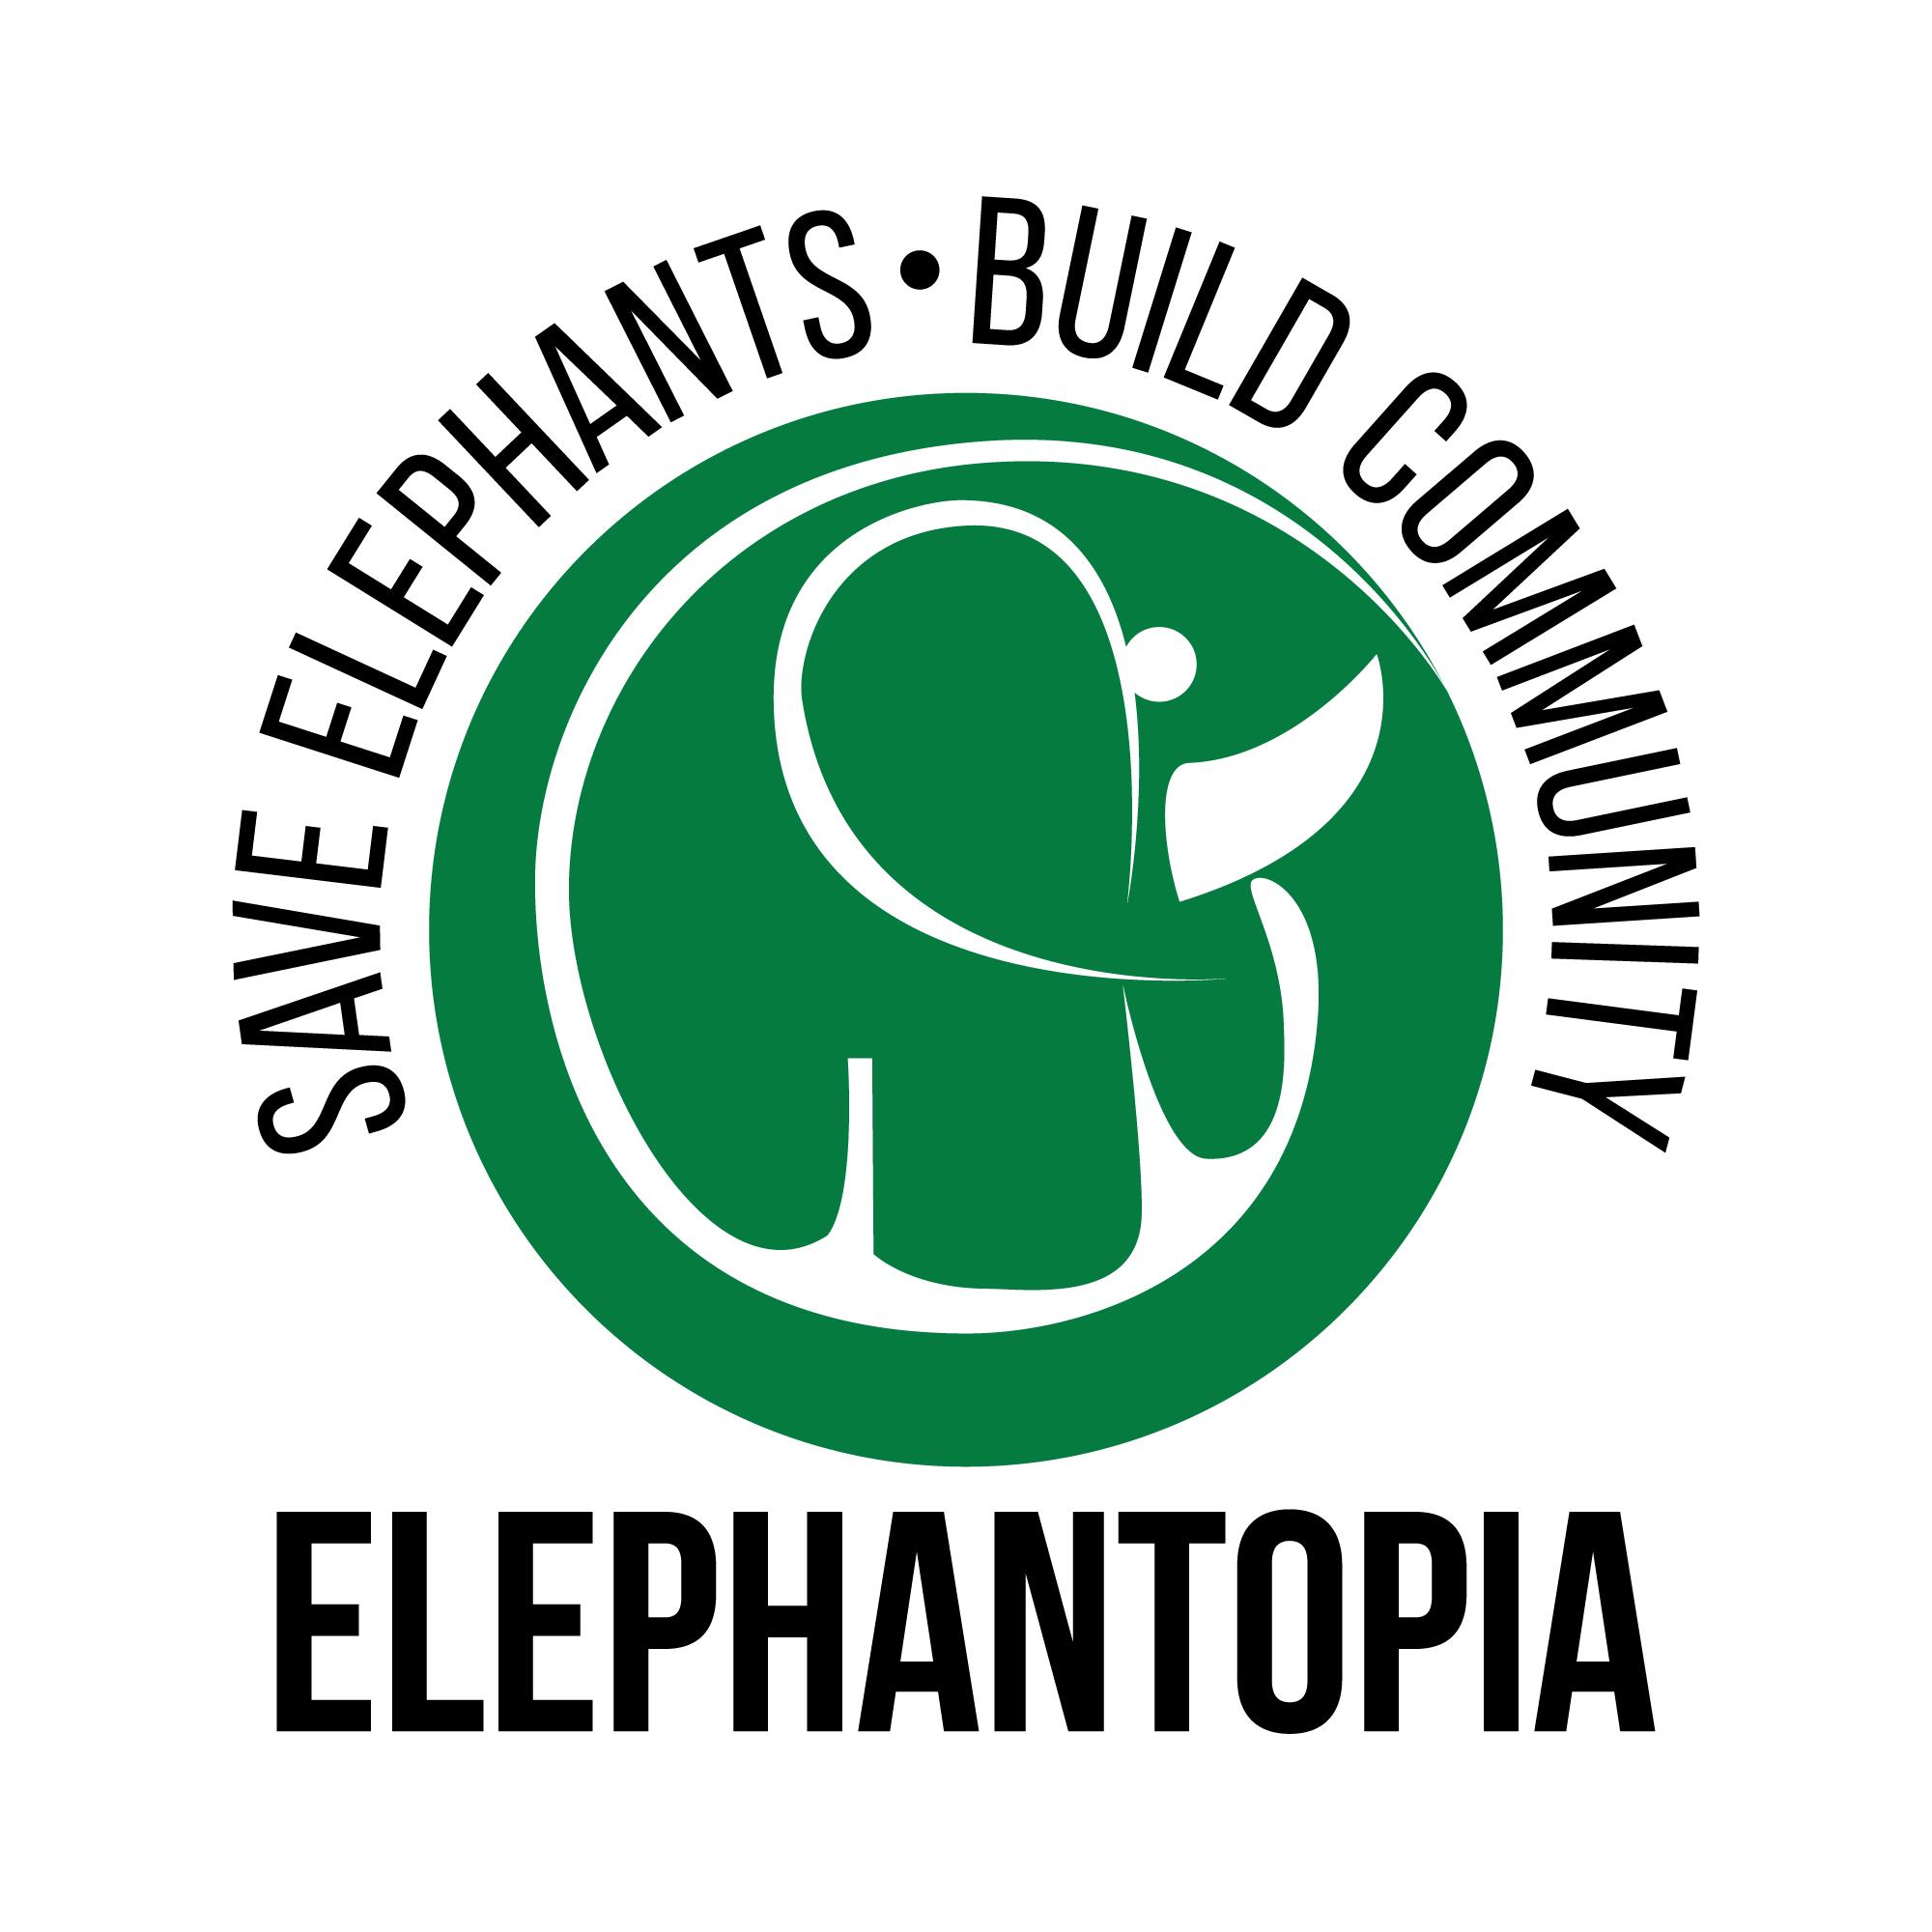 Elephantopia logo